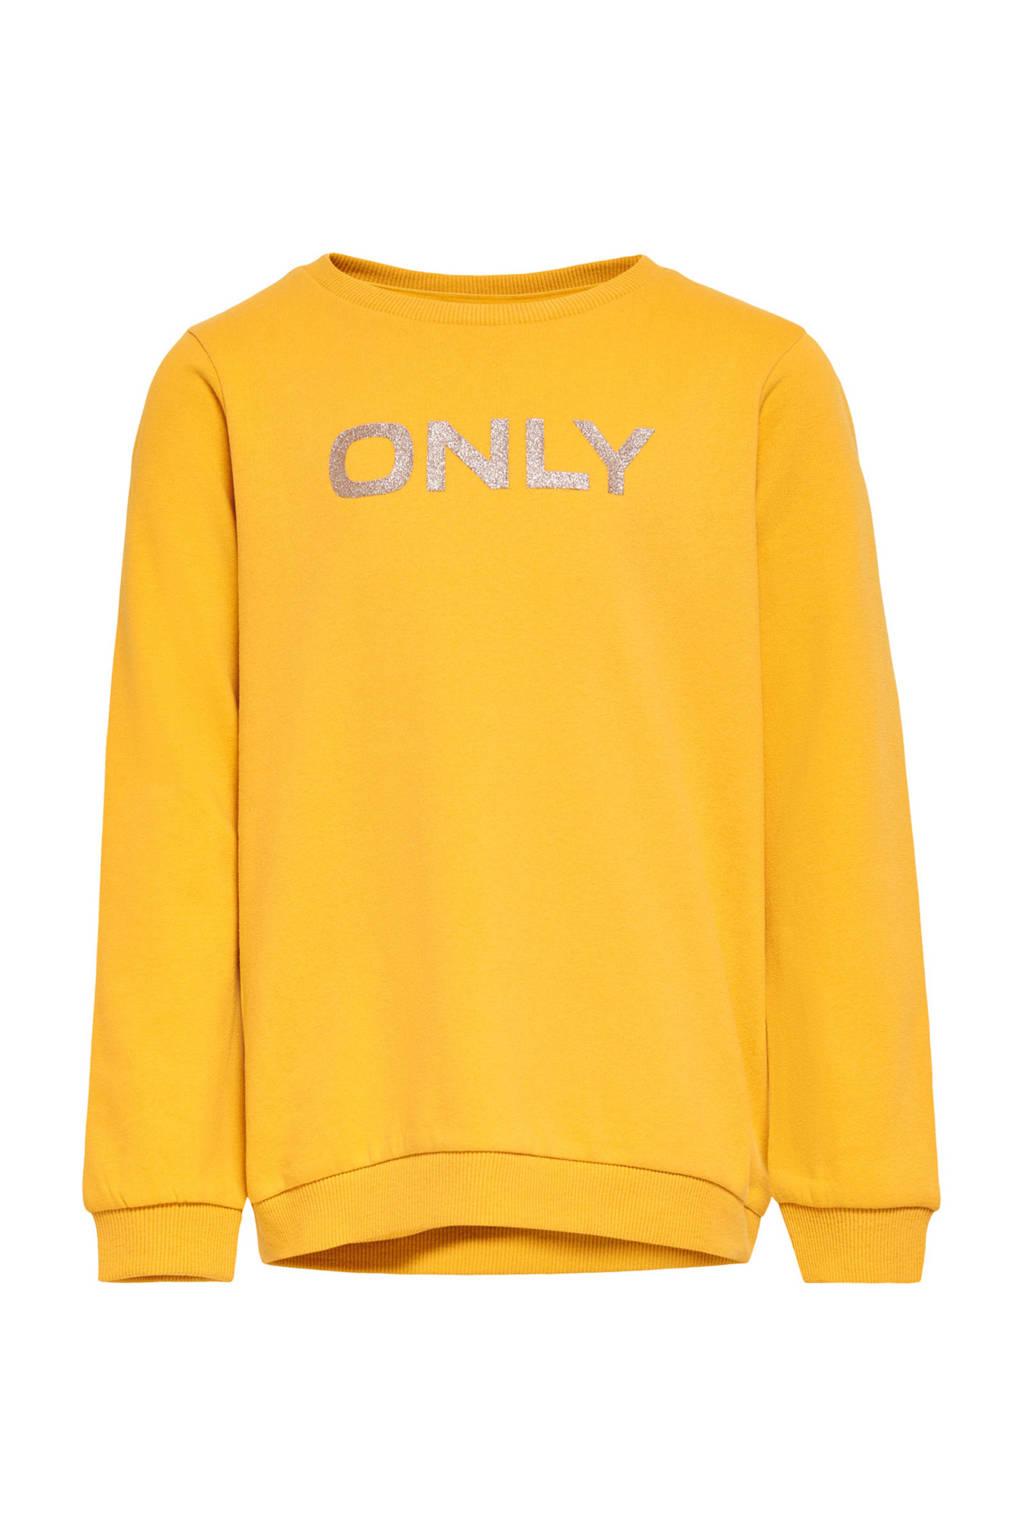 KIDS ONLY sweater Beat met logo geel, Geel